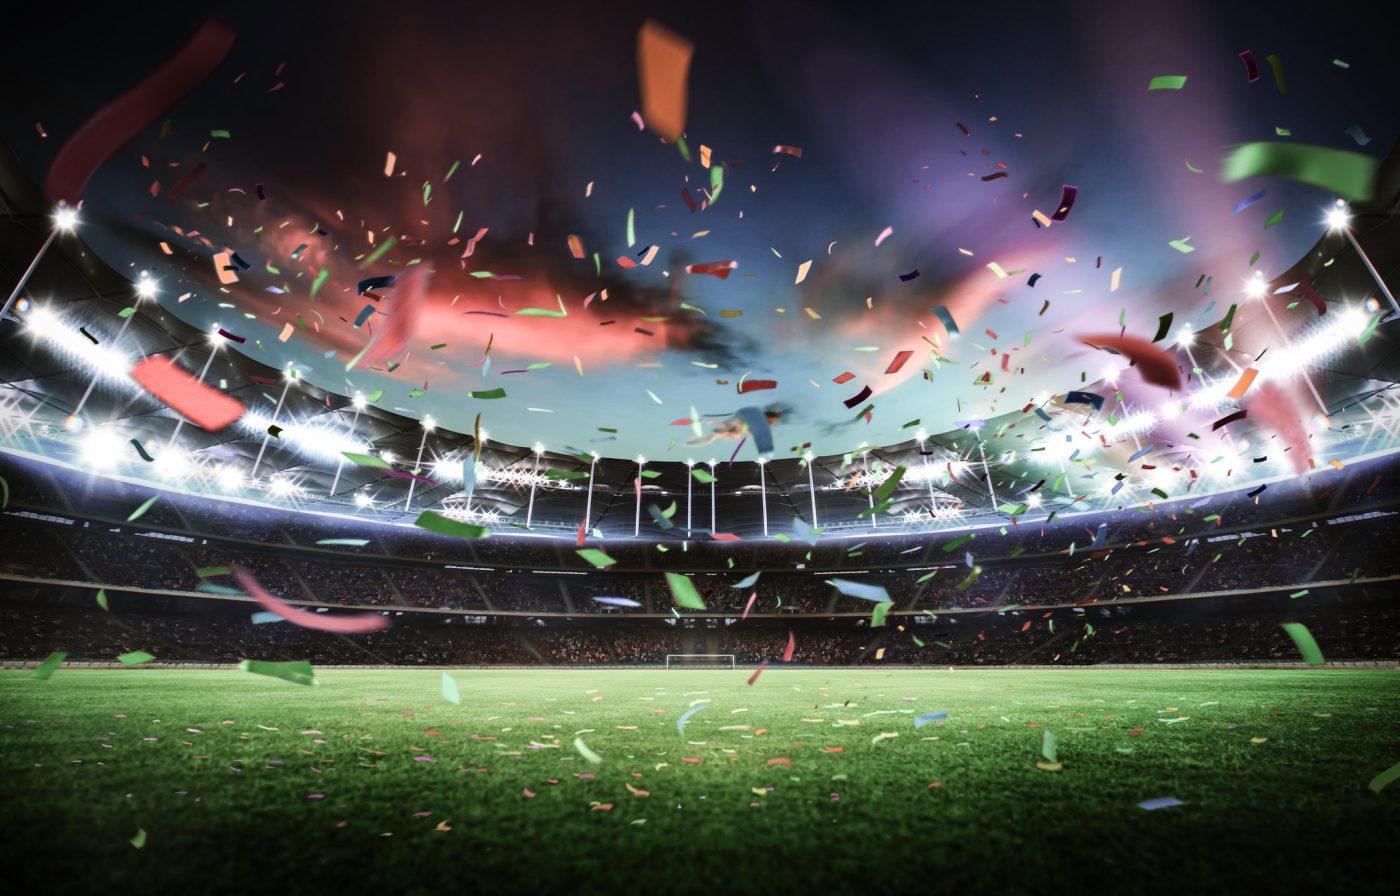 【業界分析:スポーツビジネス】スポーツビジネスの市場規模と動向。欧州のサッカーリーグと米国の4大リーグ